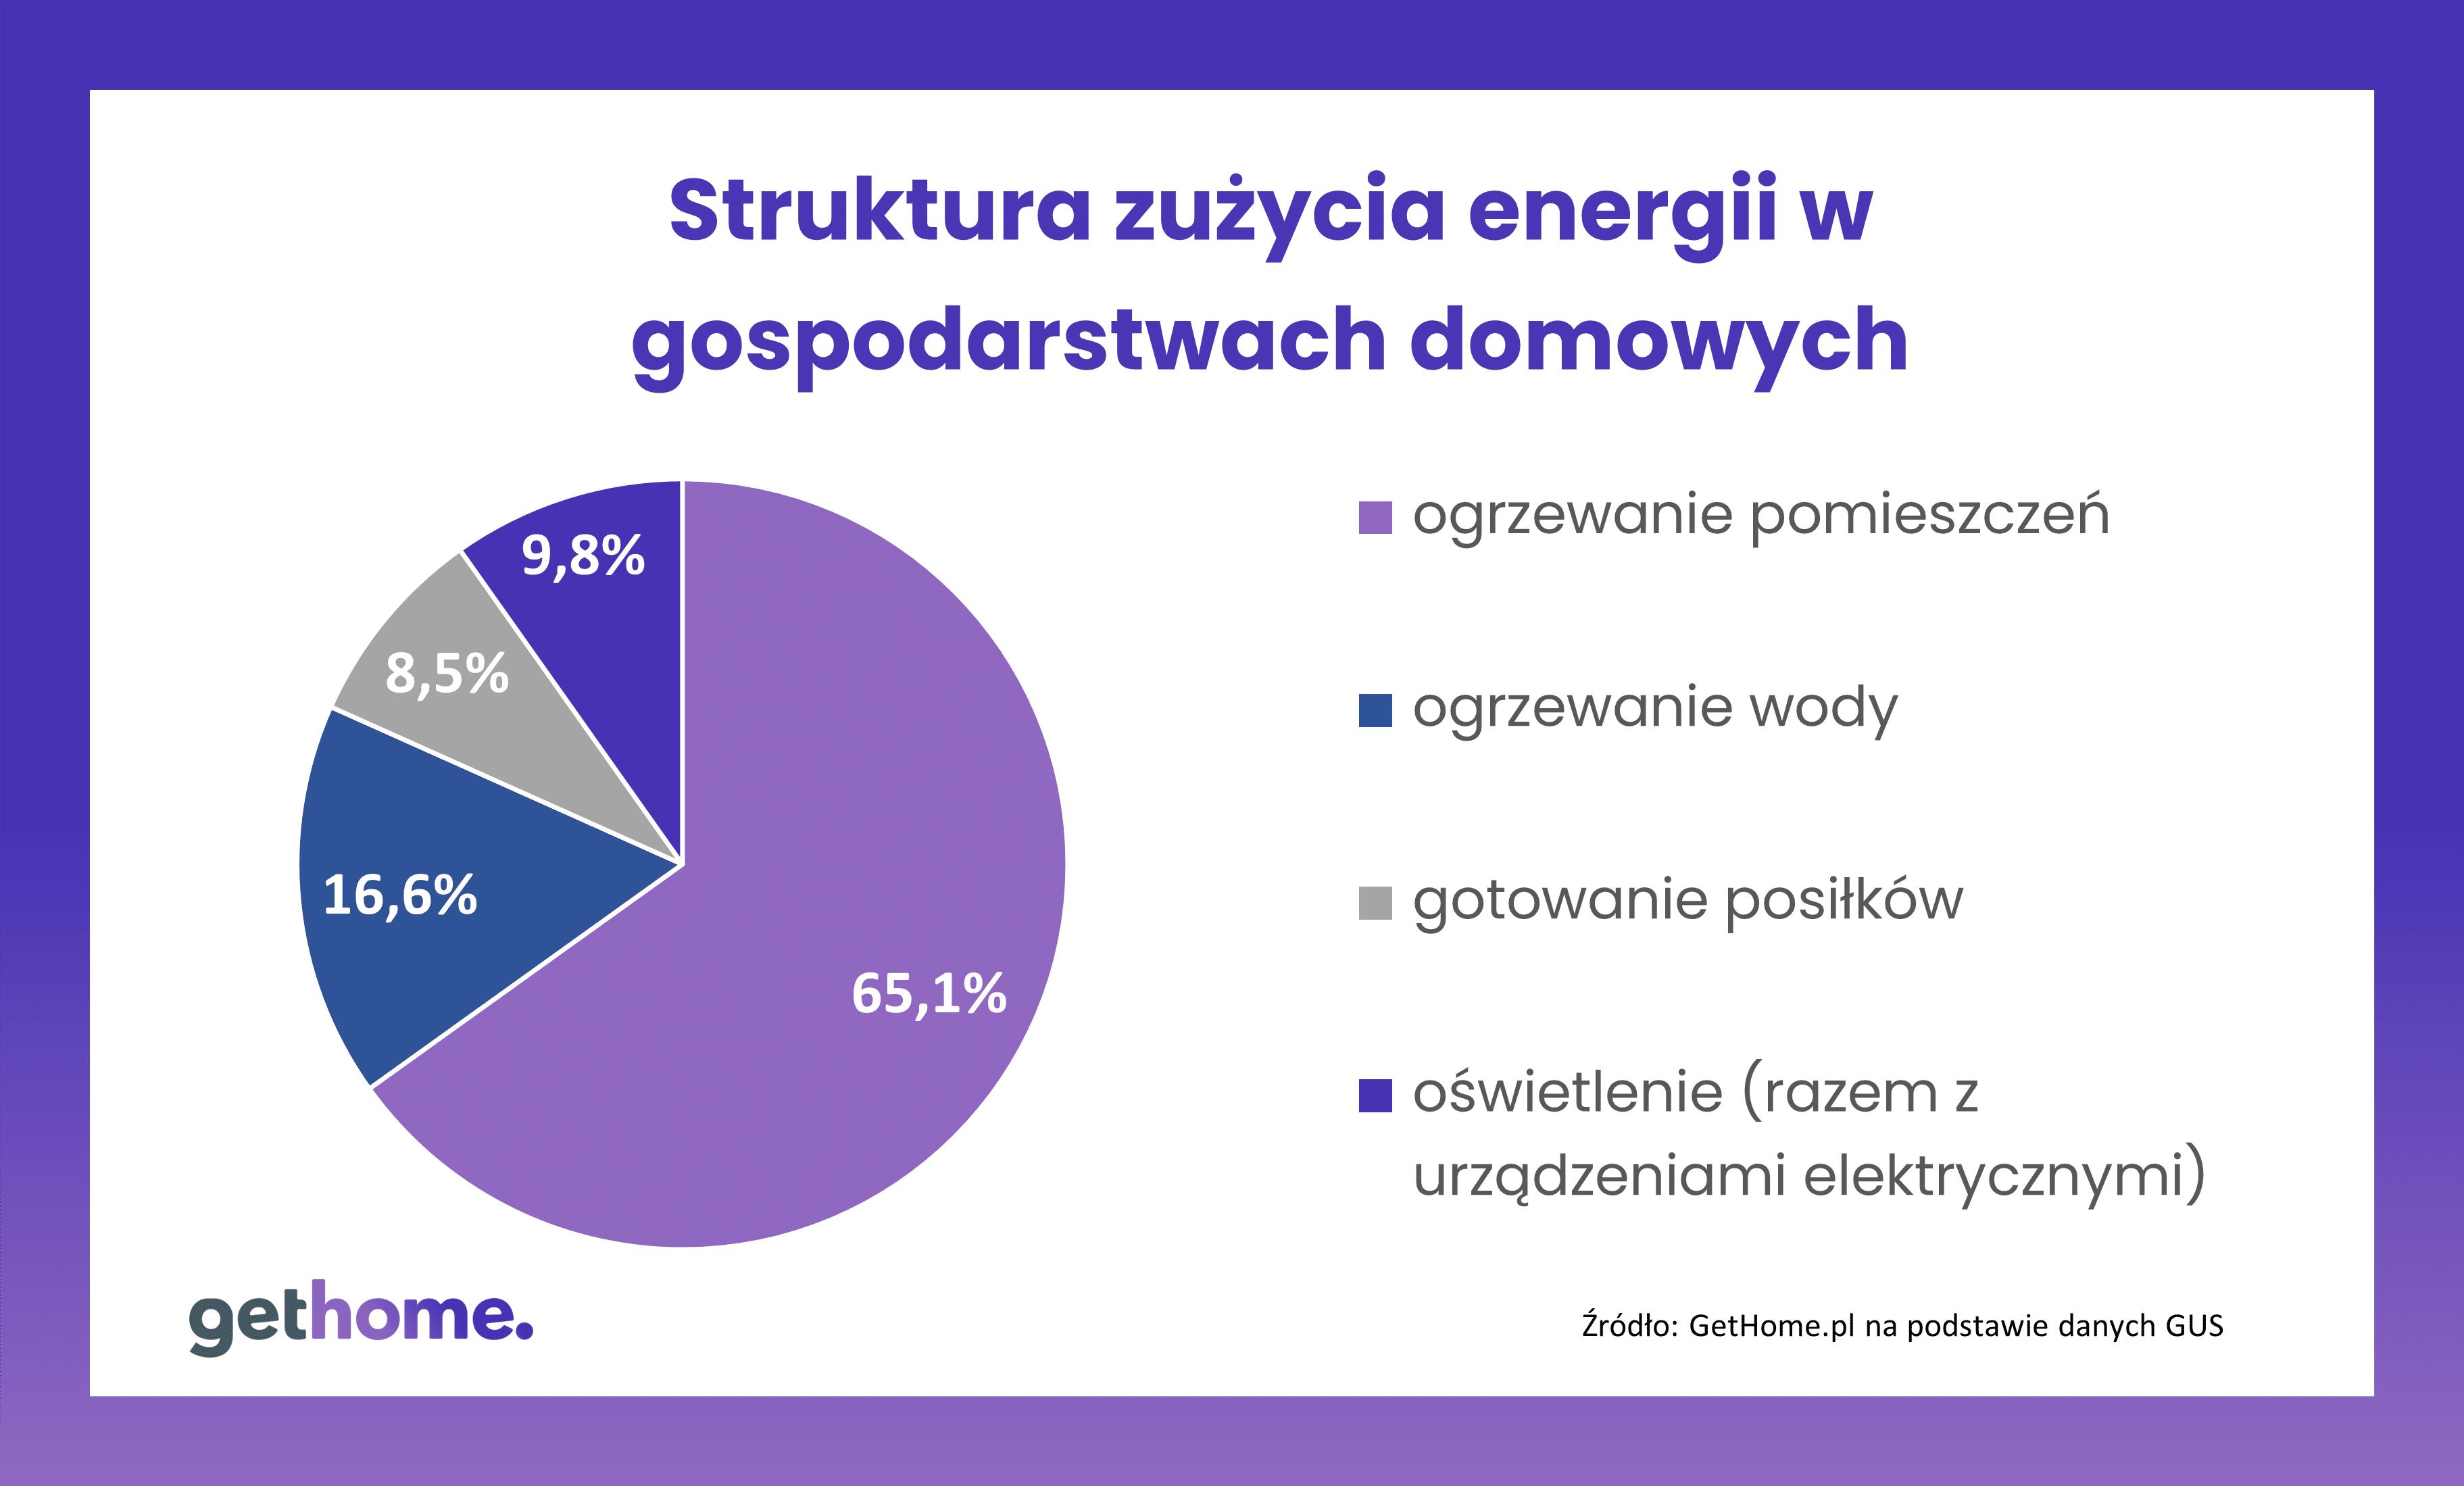 Struktura zużycia energii